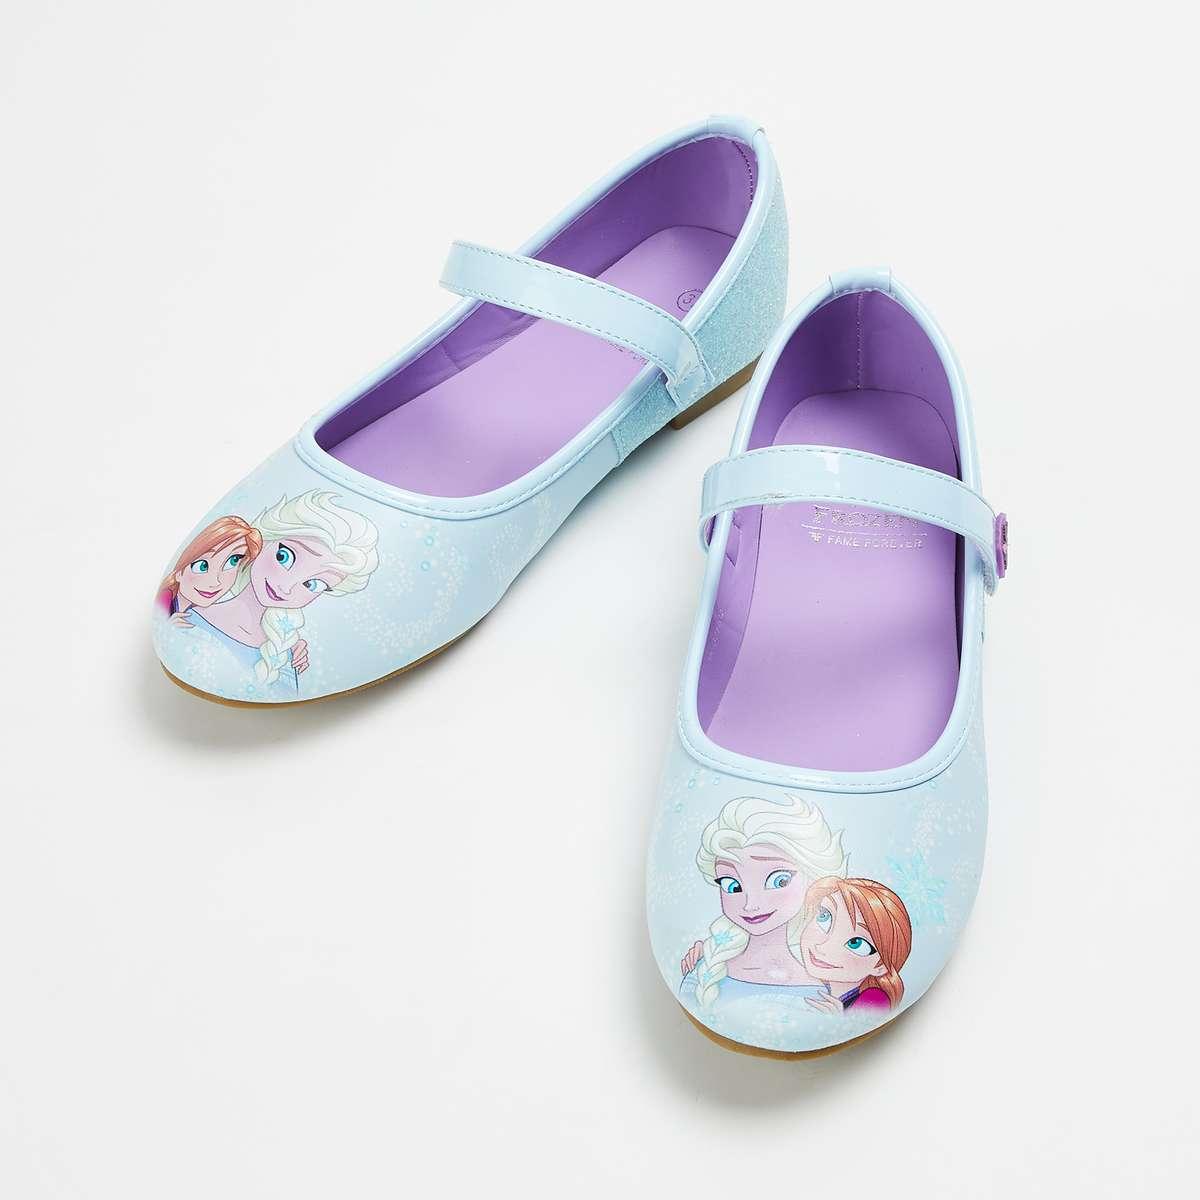 4.FAME FOREVER Girls Printed Velcro Strap Ballerina Flats